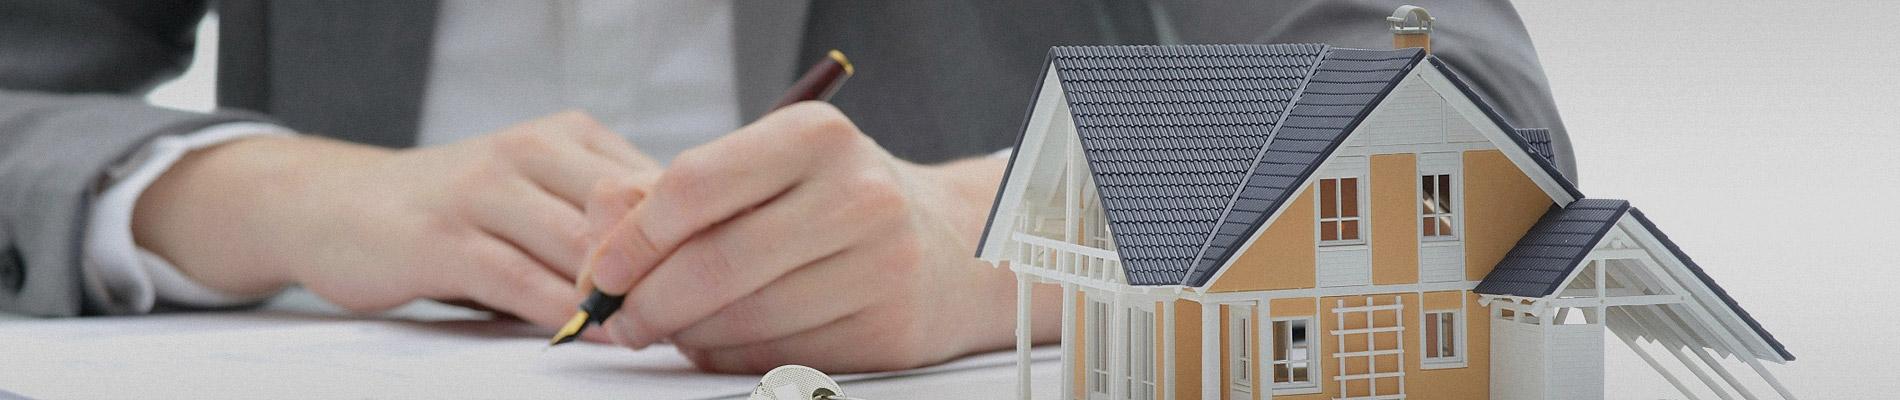 консультация недвижимость онлайн